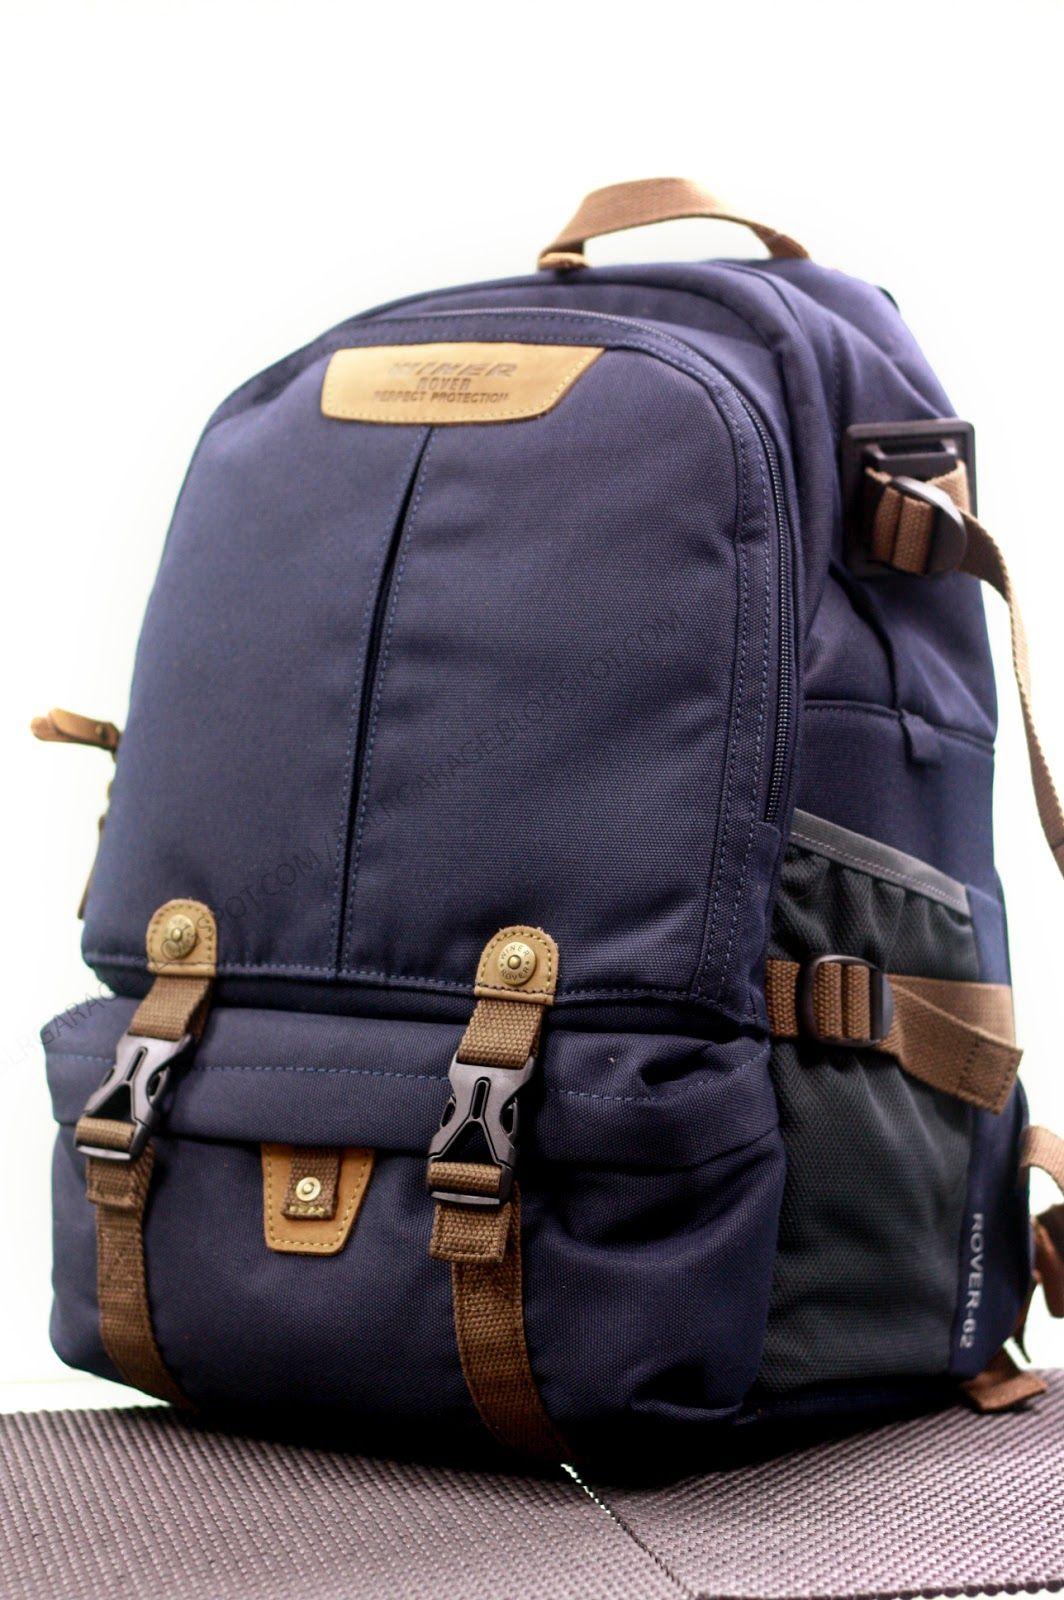 Winer Rover 62 DSLR Camera Backpack